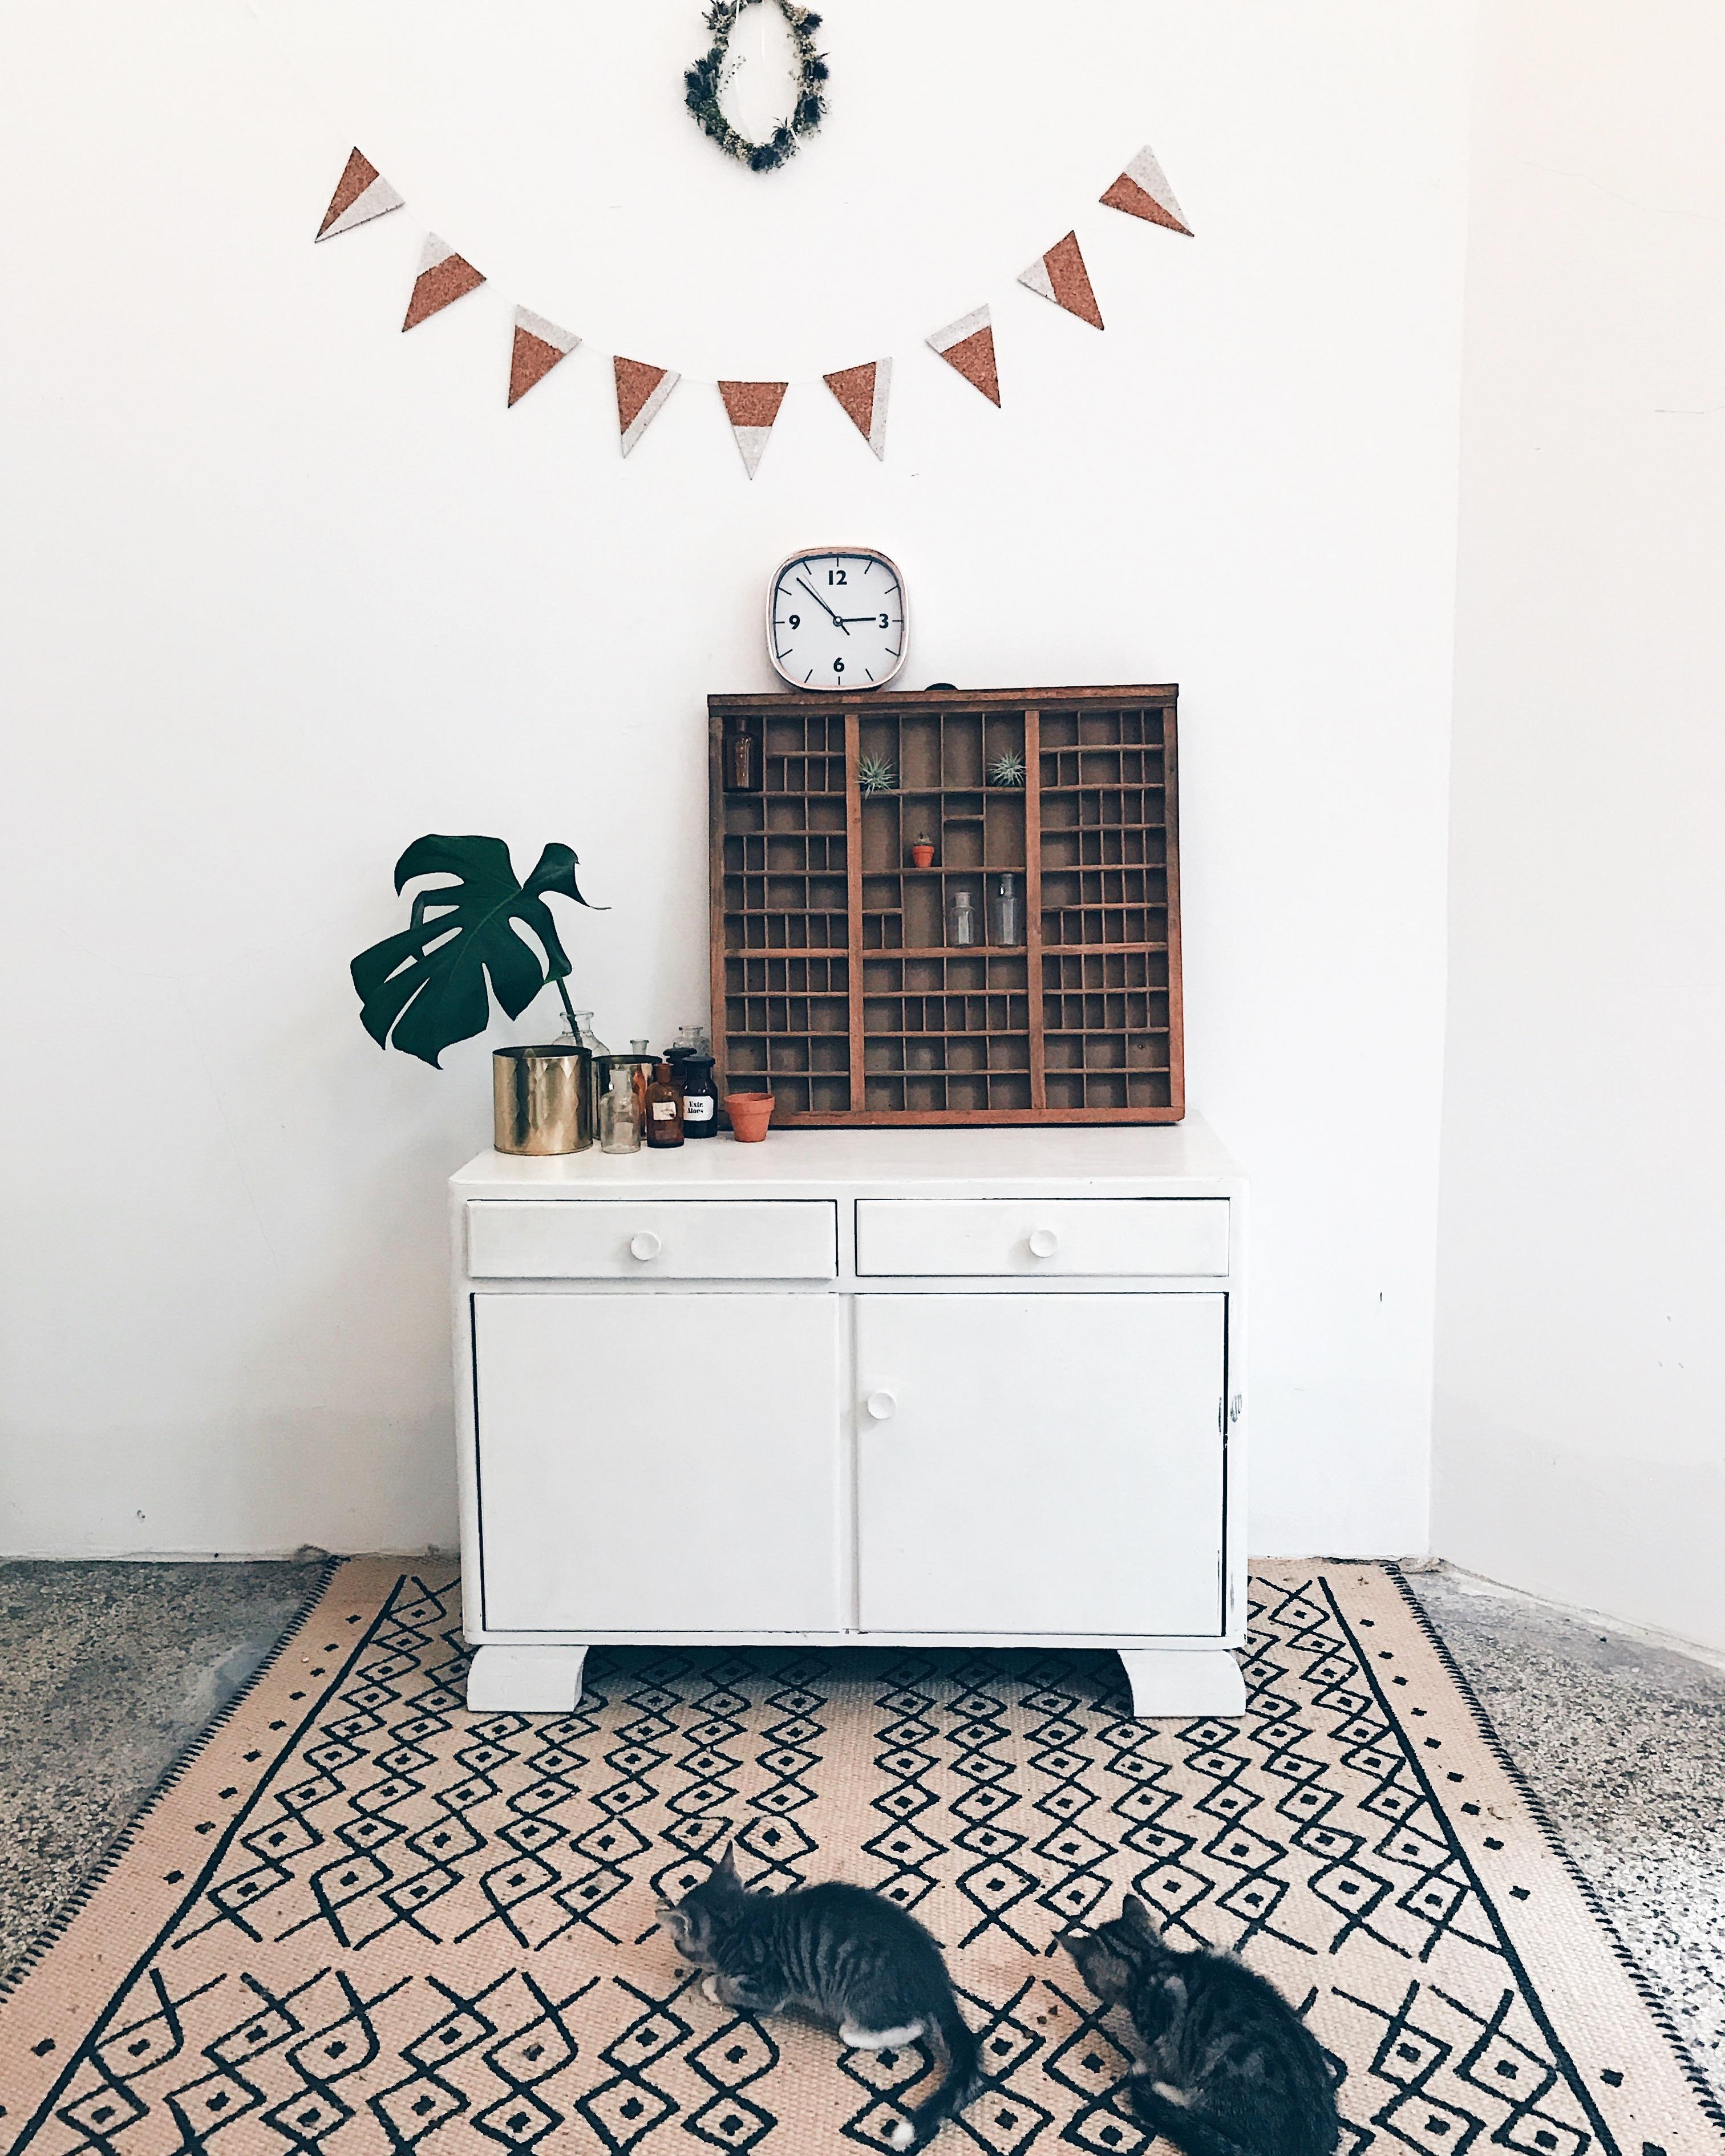 Groß 3 Stück Küche Teppich Set Bilder - Küchenschrank Ideen ...